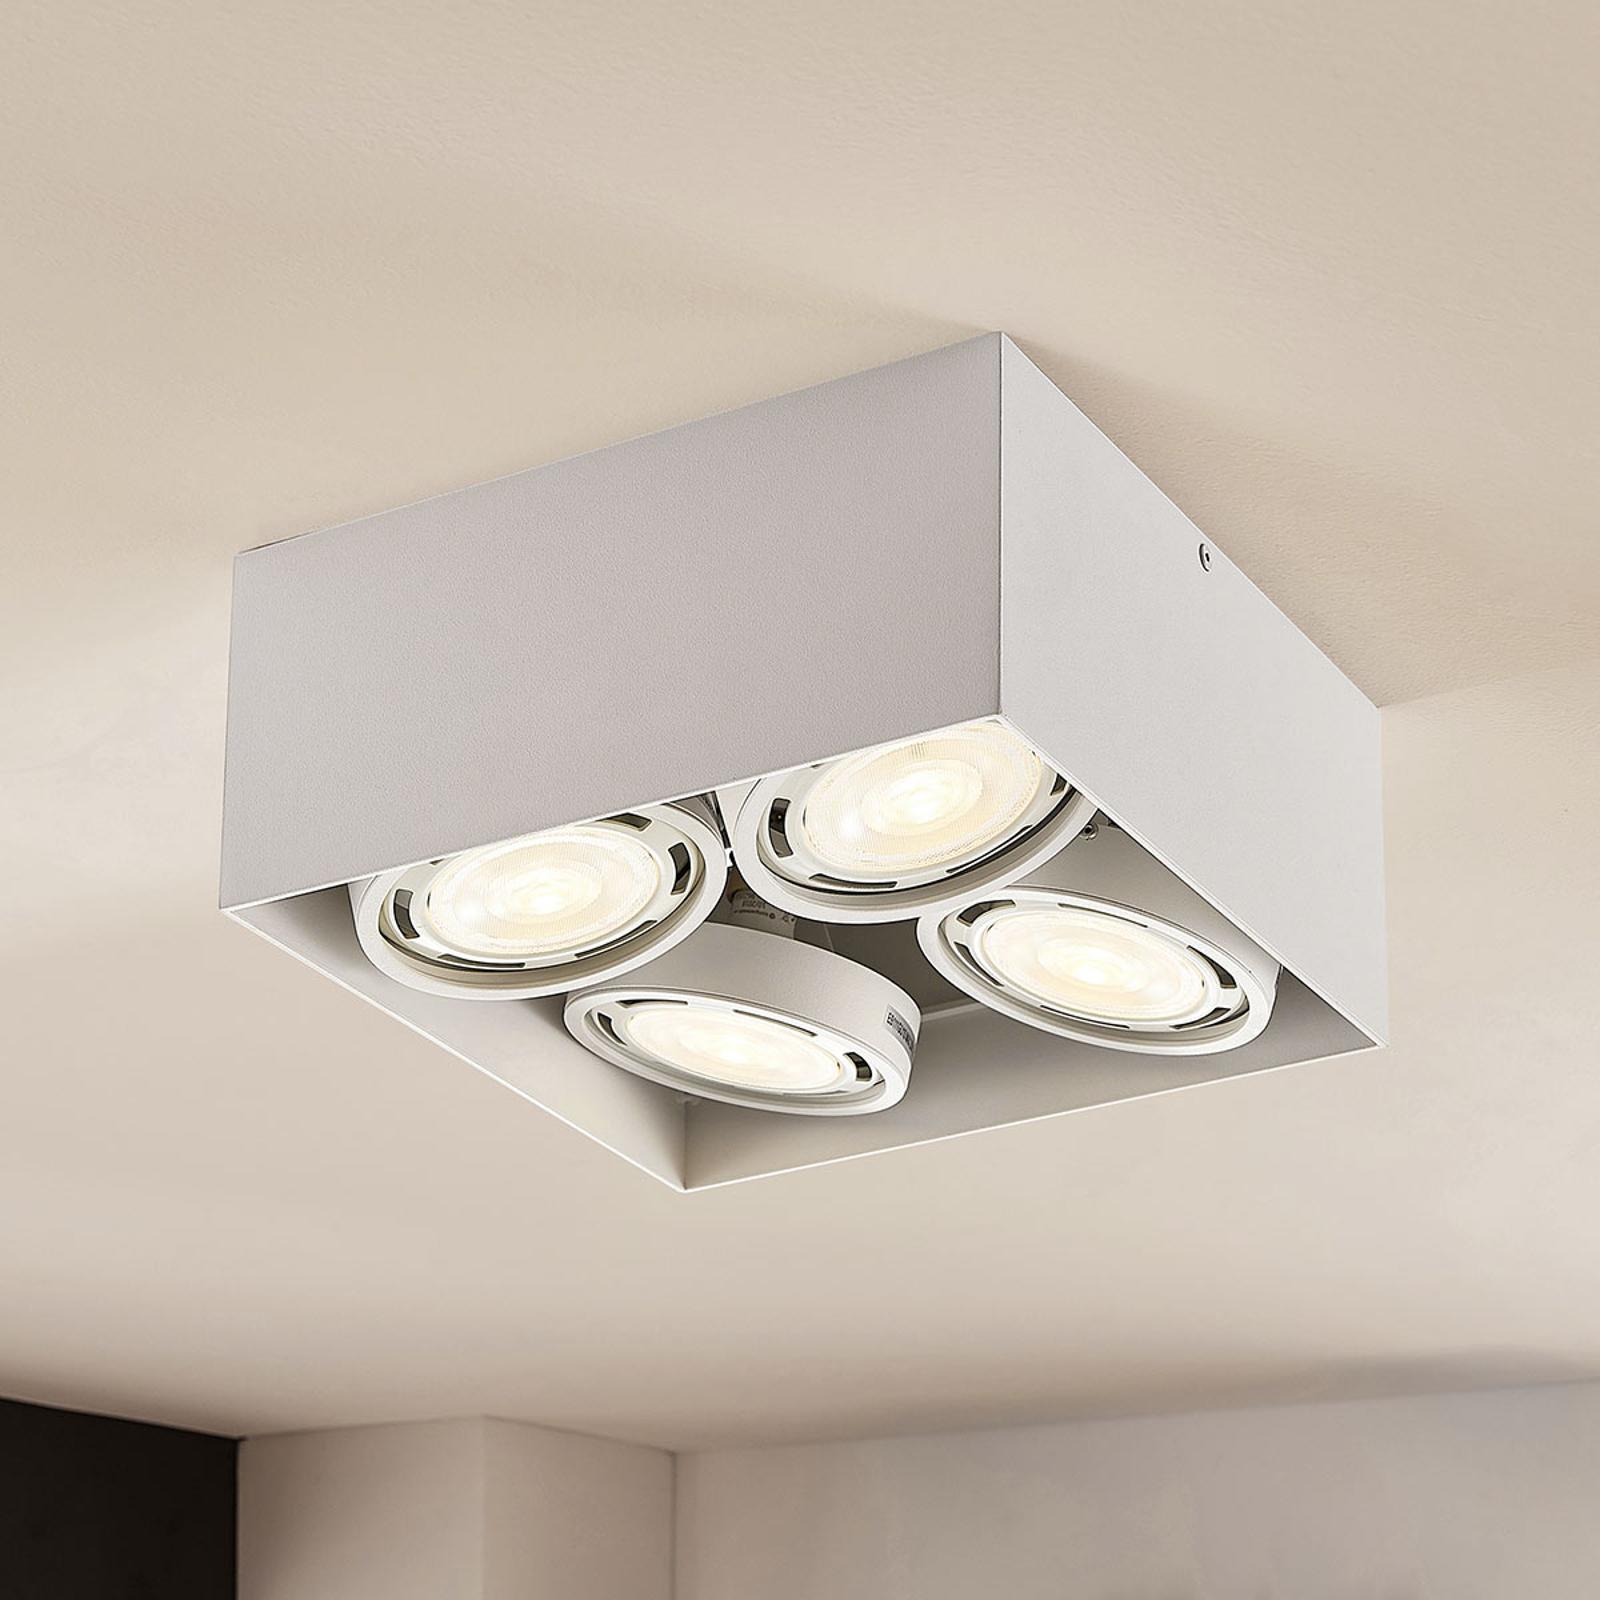 LED downlight Rosalie dimbaar hoekig 4-lamps wit